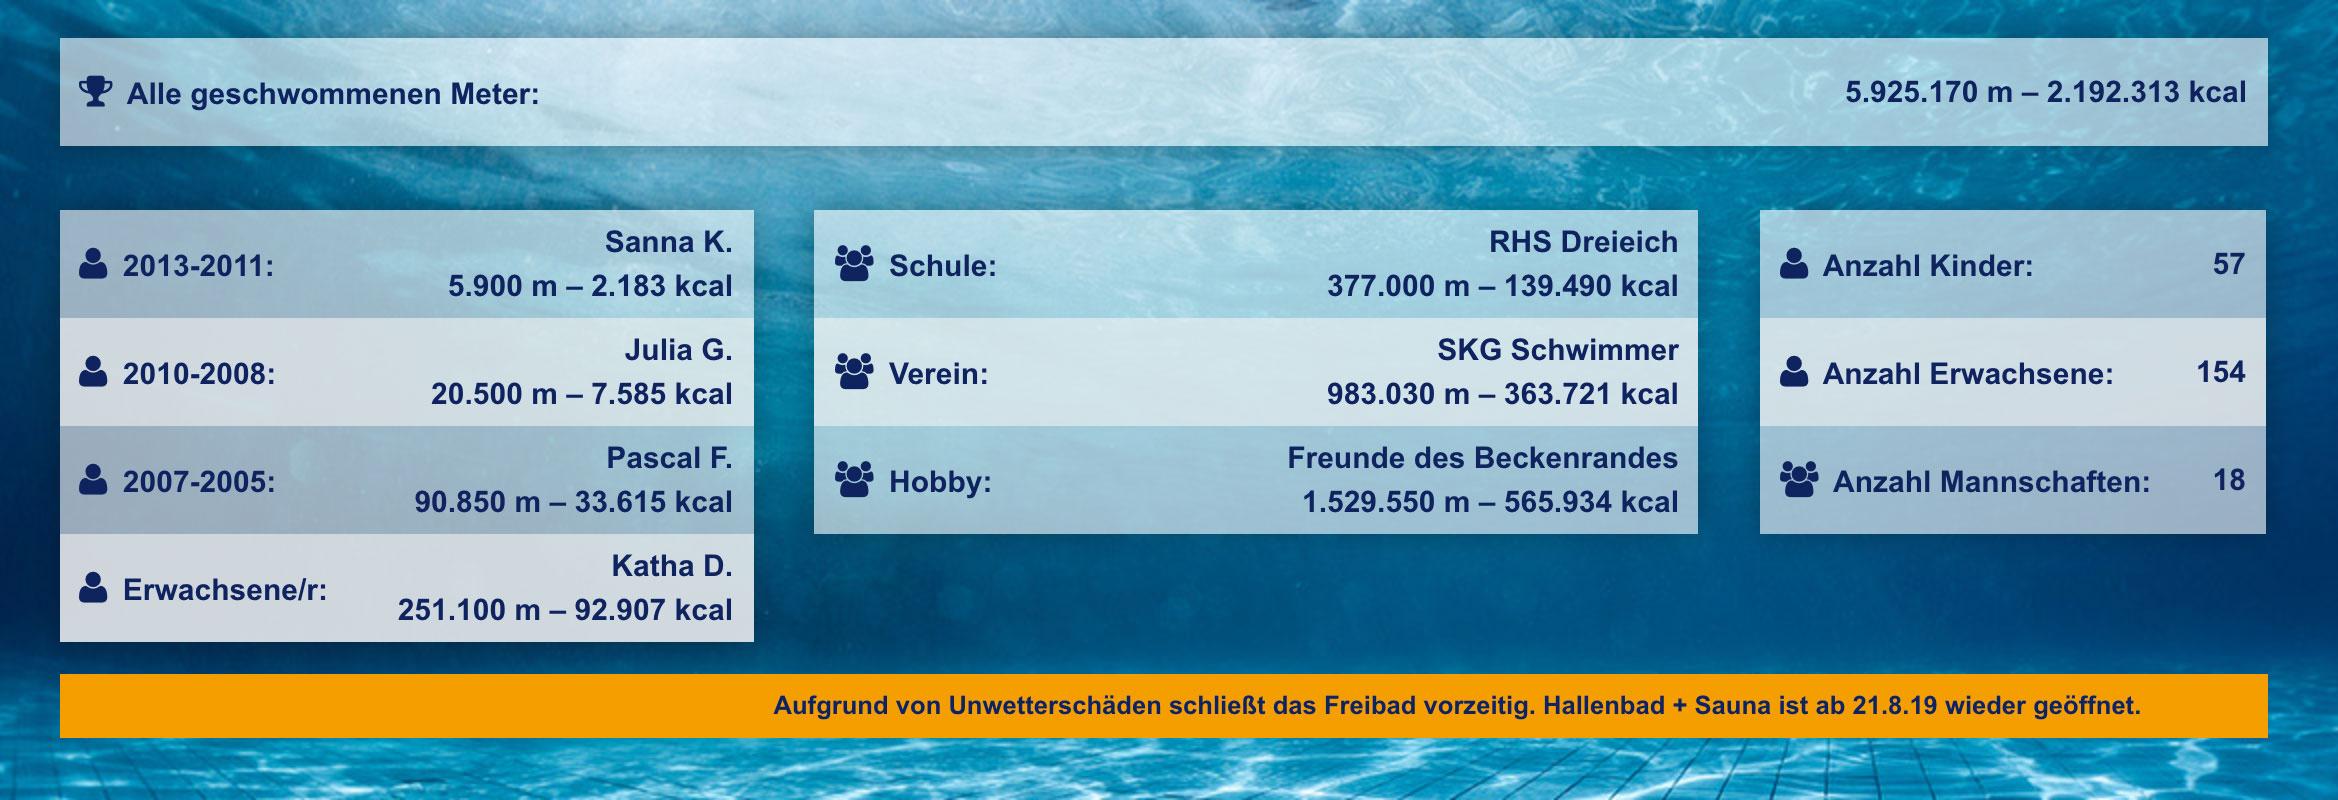 Dreieich schwimmt - Ergebnisse